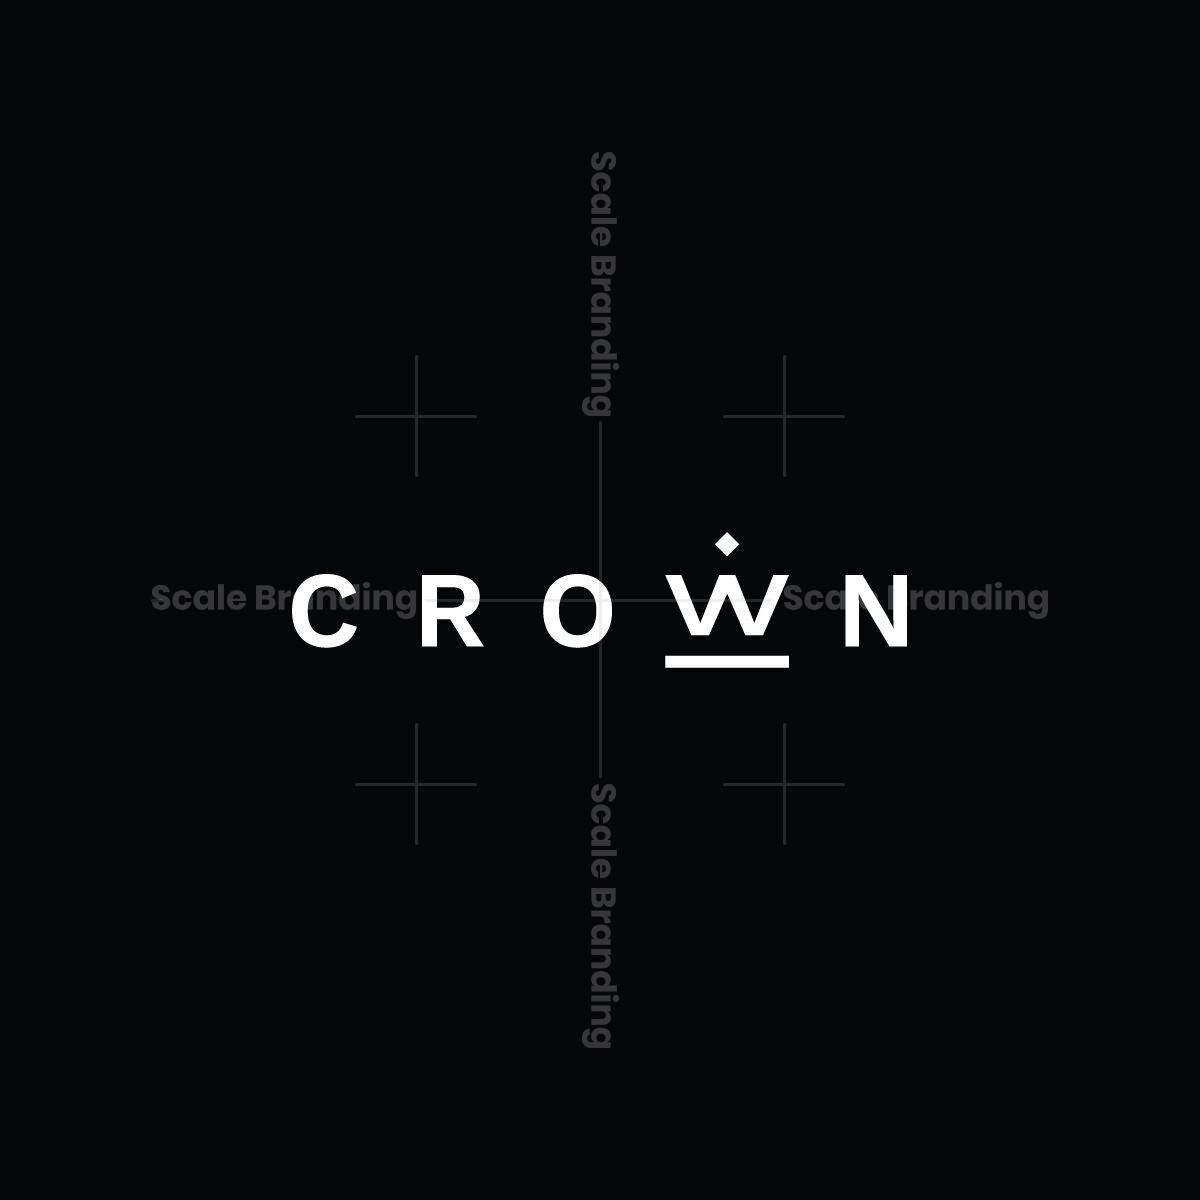 Crown Minimal Logotype